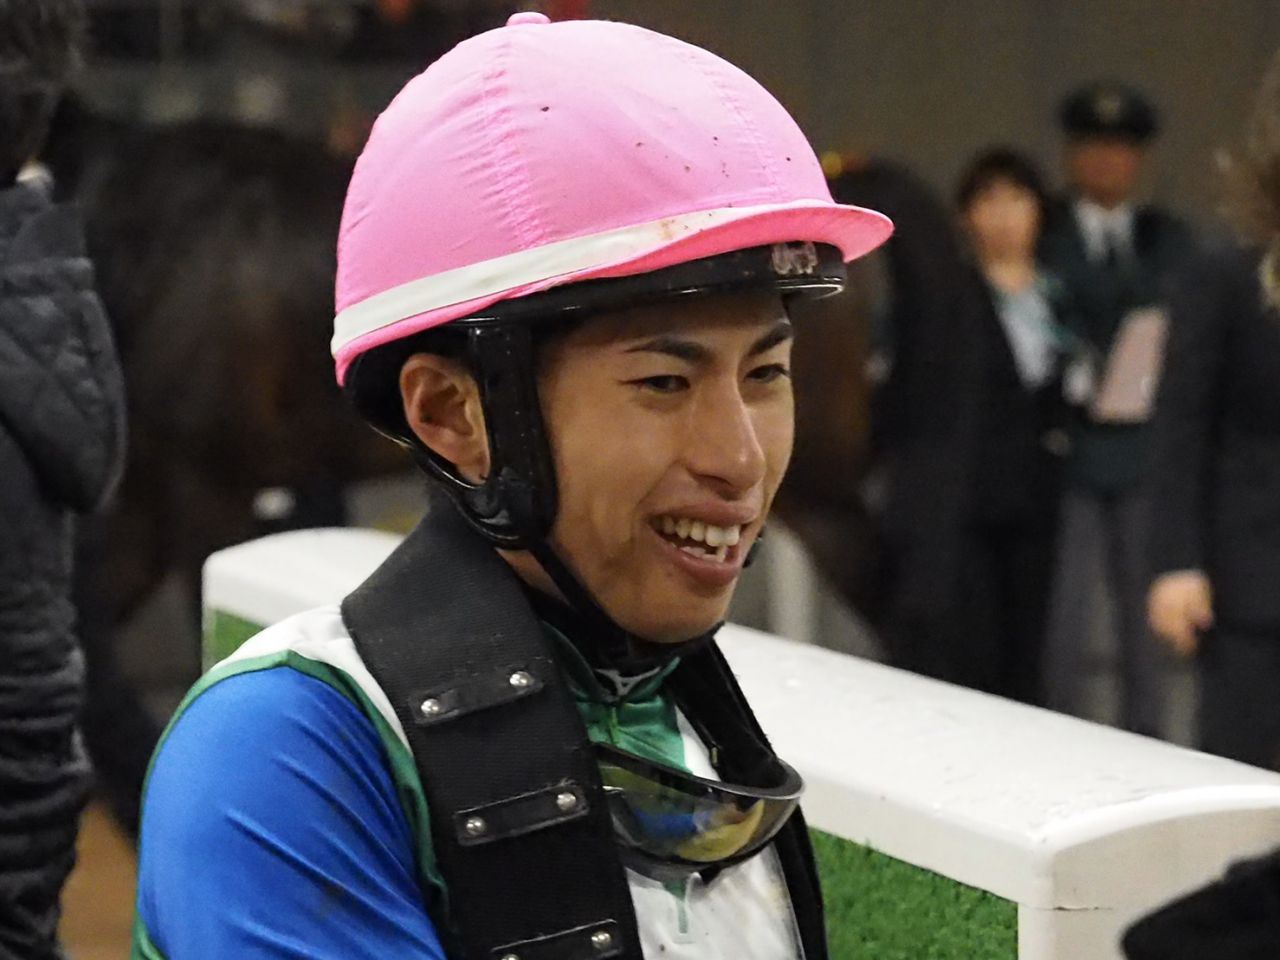 【京都牝馬S】良血ドナウデルタは13着と苦い敗戦